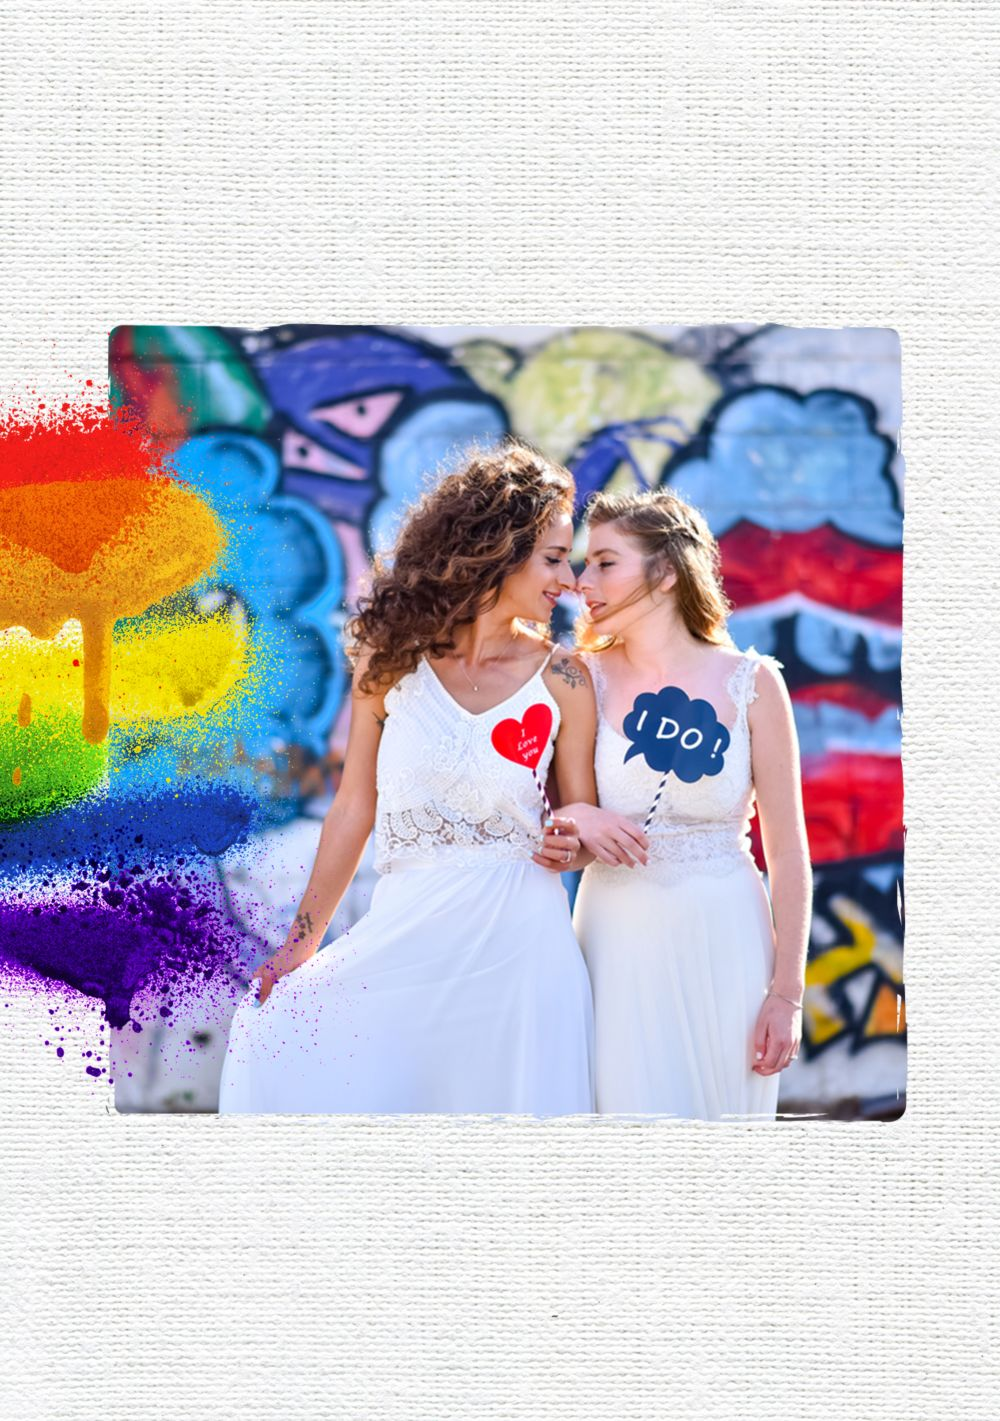 Ansicht 4 - Hochzeit Dankeskarte Regenbogenliebe